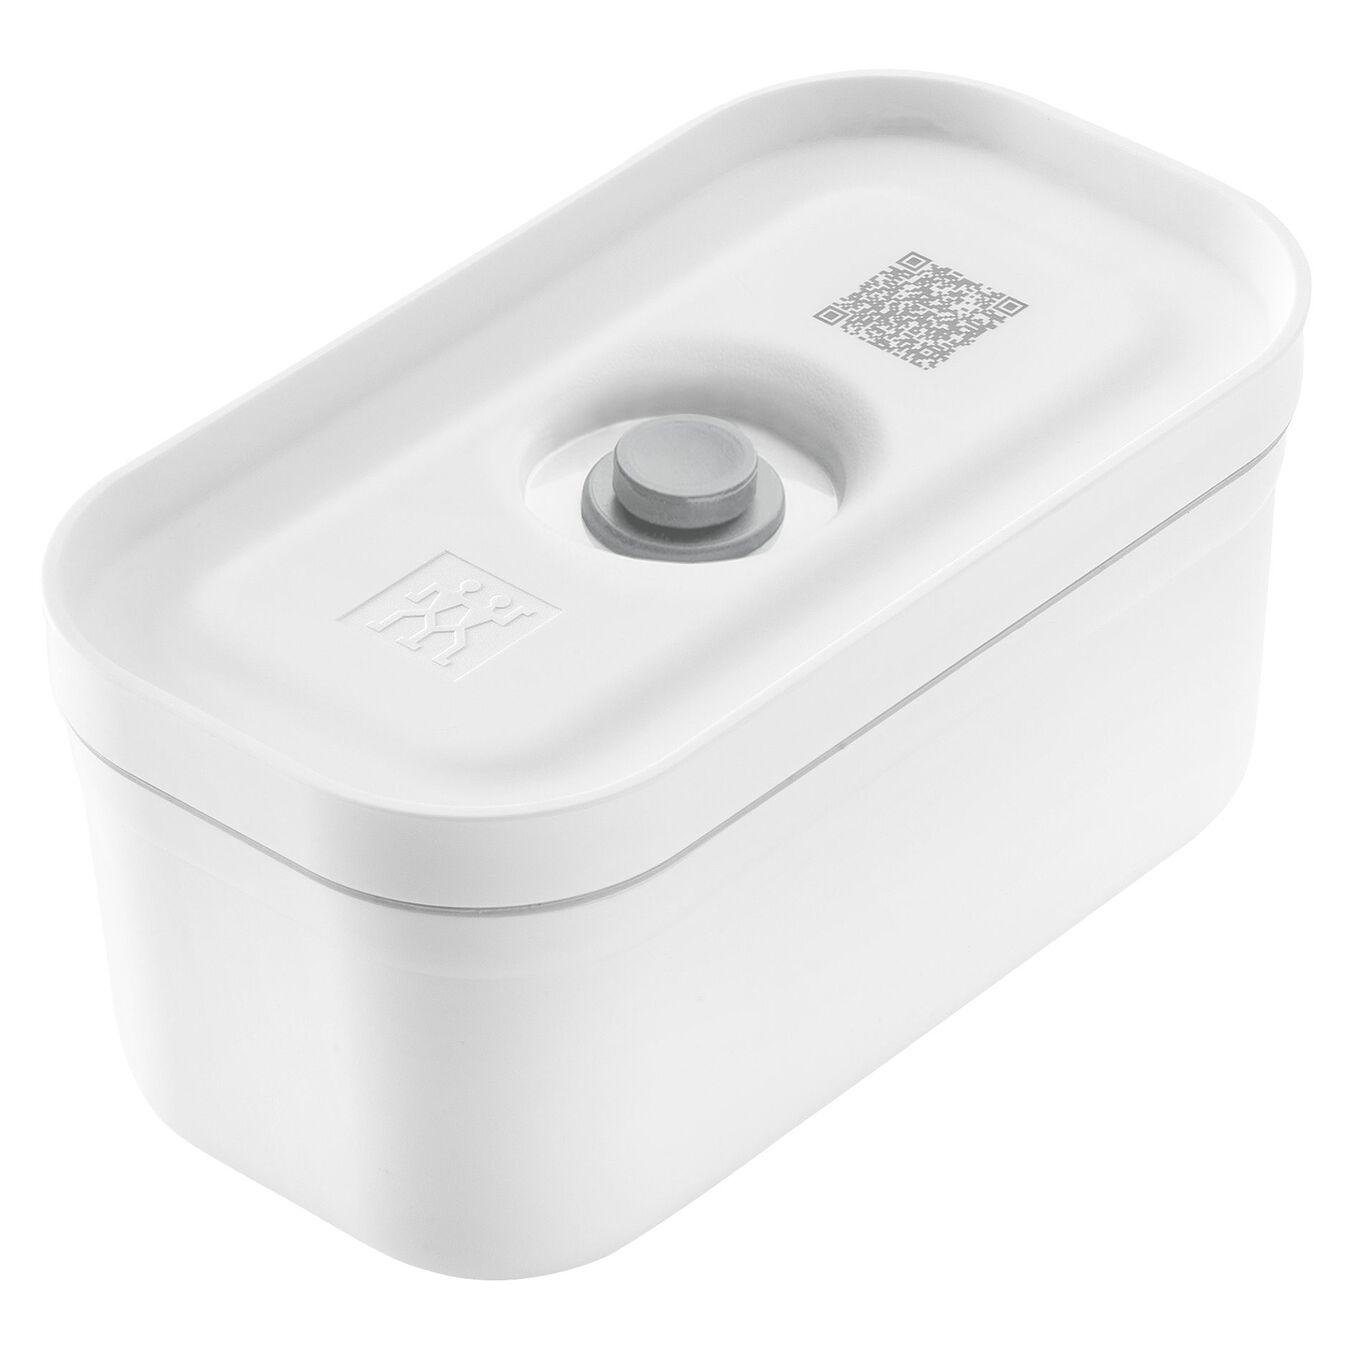 Vakuum madkasser, S - Plastik - Hvid-Grå,,large 1